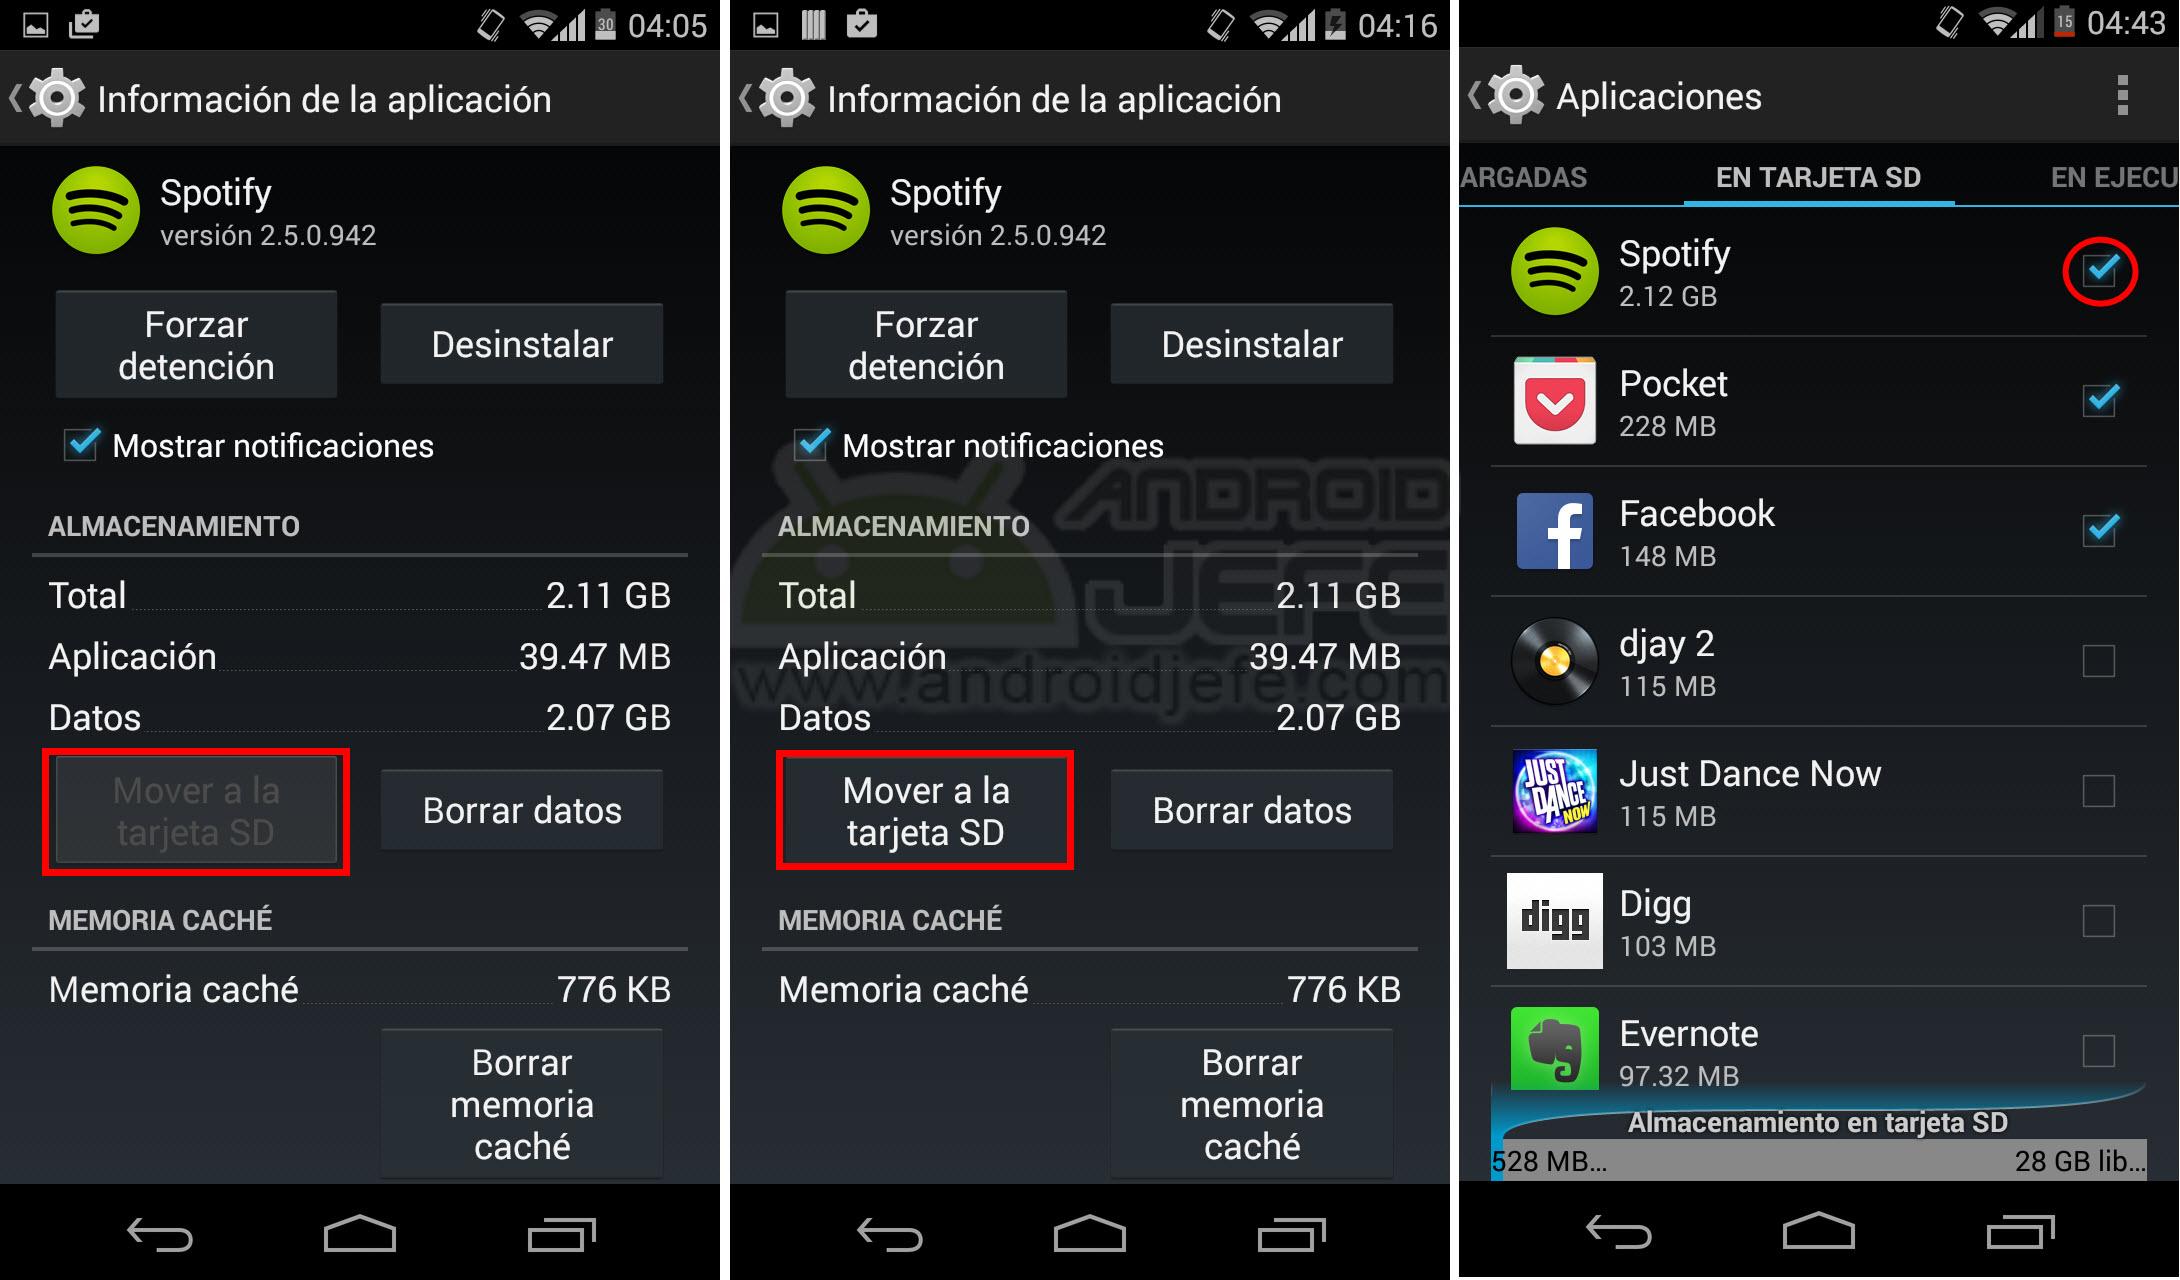 Descargar apps de juegos para android auto design tech for Aplicaciones para android auto